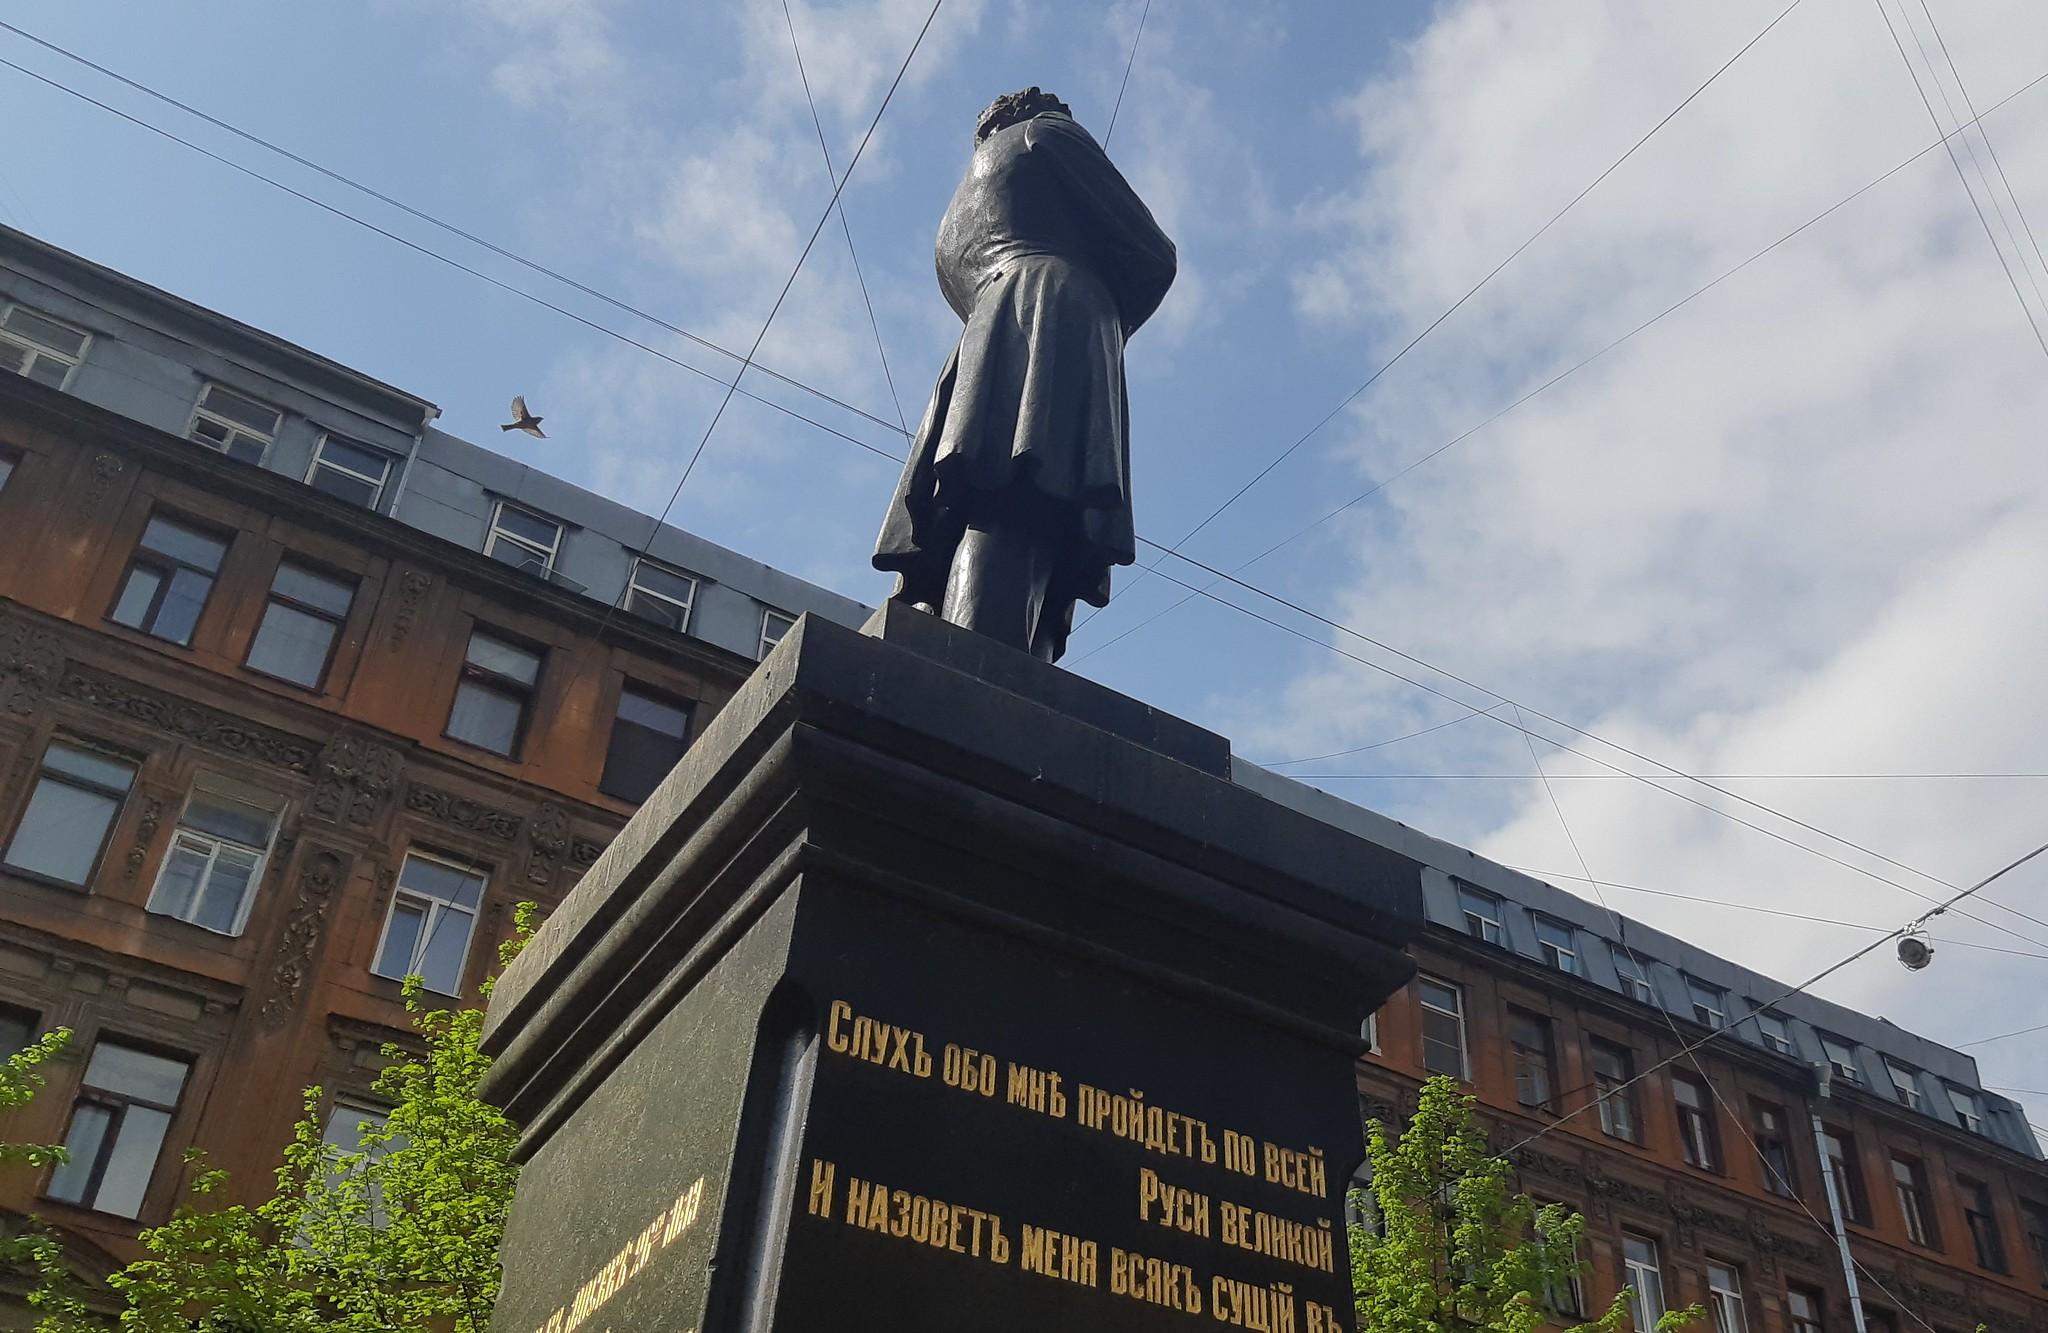 1. Пушкин, провода и птицы